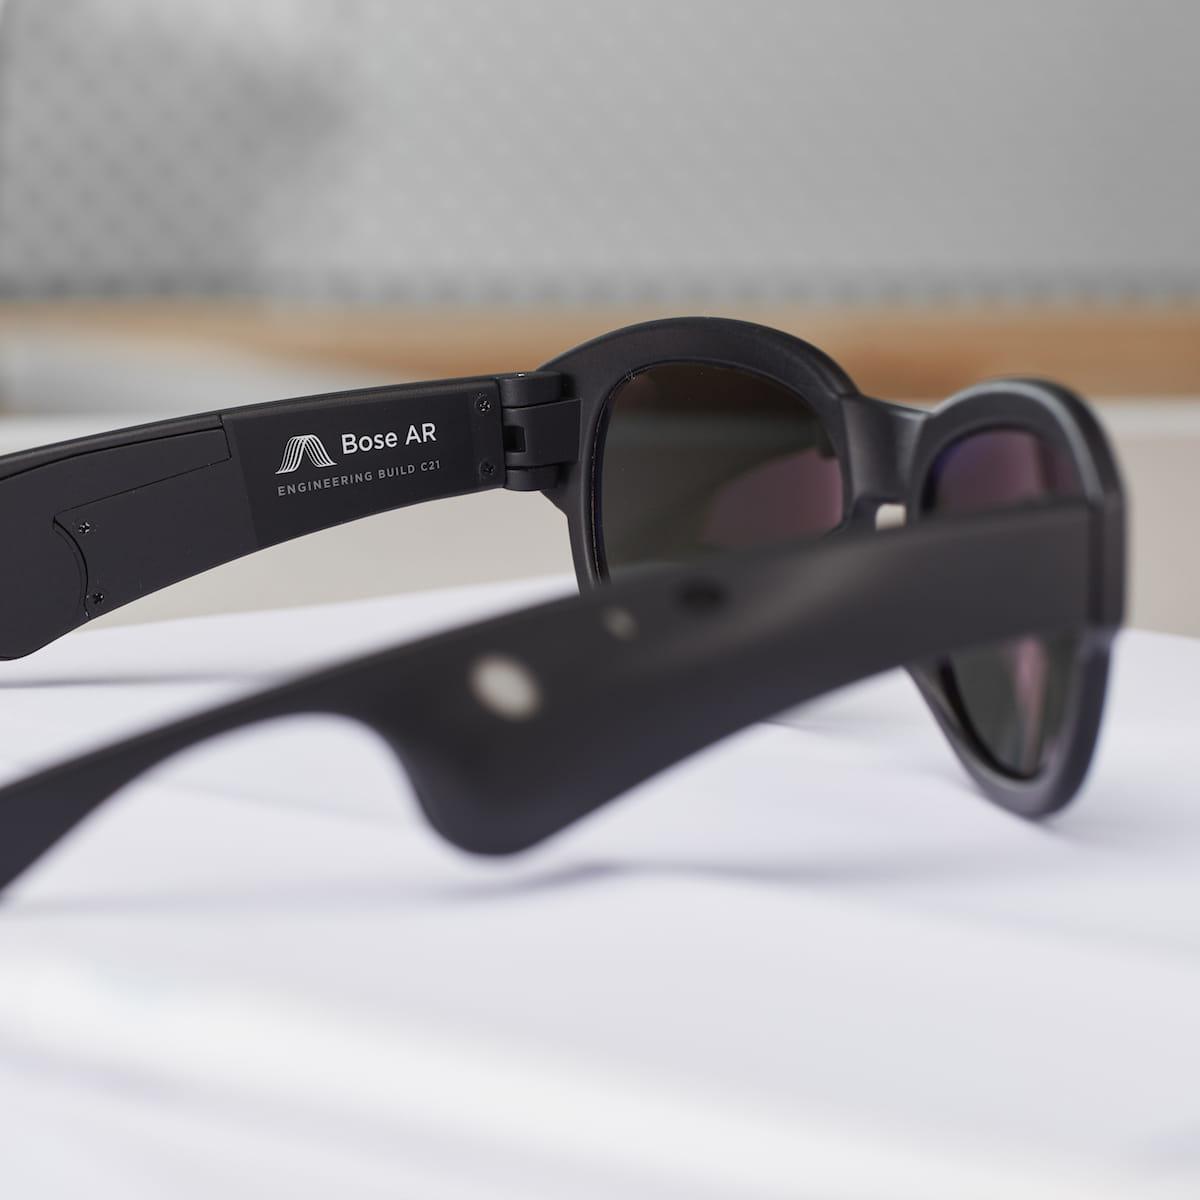 """Boseは現実世界を""""音声""""で拡張する!Bose ARメガネがSXSWに出展! technology180312_bose-ar_1-1200x1200"""